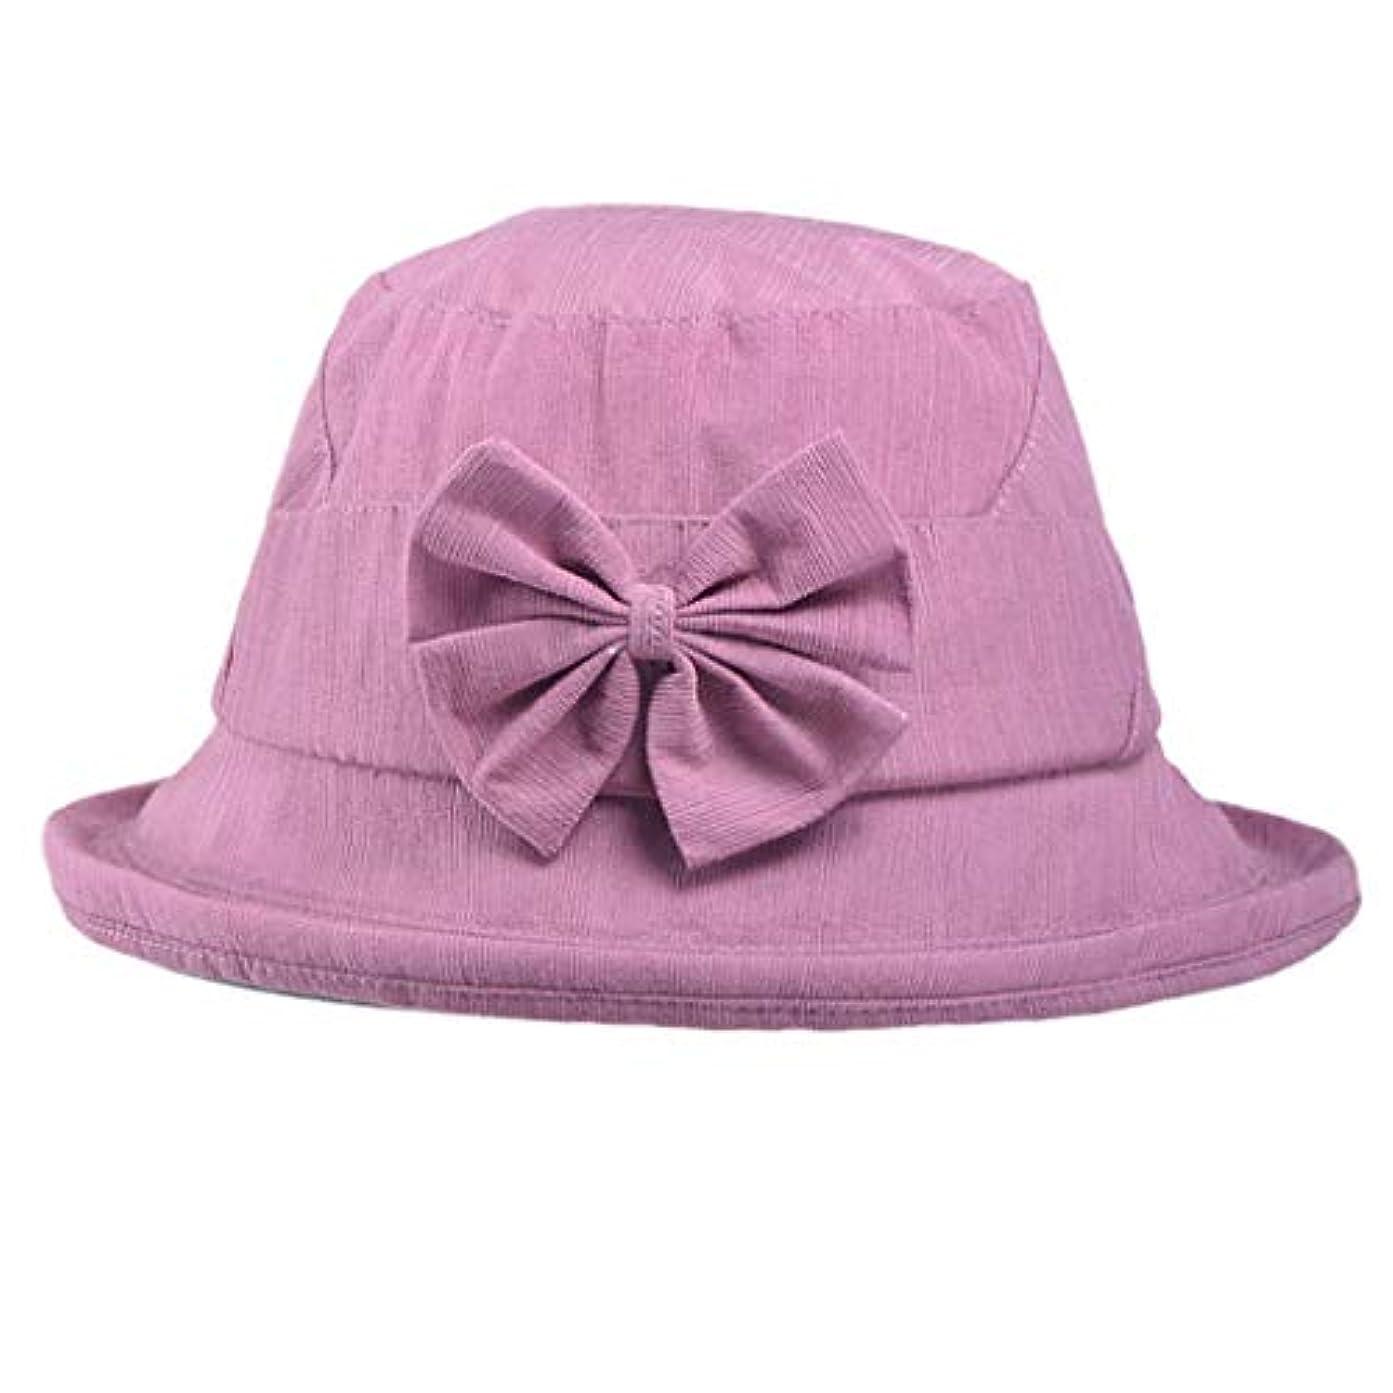 メイドおめでとう花に水をやるファッション小物 夏 帽子 レディース UVカット 帽子 アウトドア 夏 春 UVカット 帽子 蝶結び 漁師帽 日焼け防止 つば広 無地 ハット レディース 女性 紫外線対策 大きいサイズ 夏季 ビーチ ROSE ROMAN